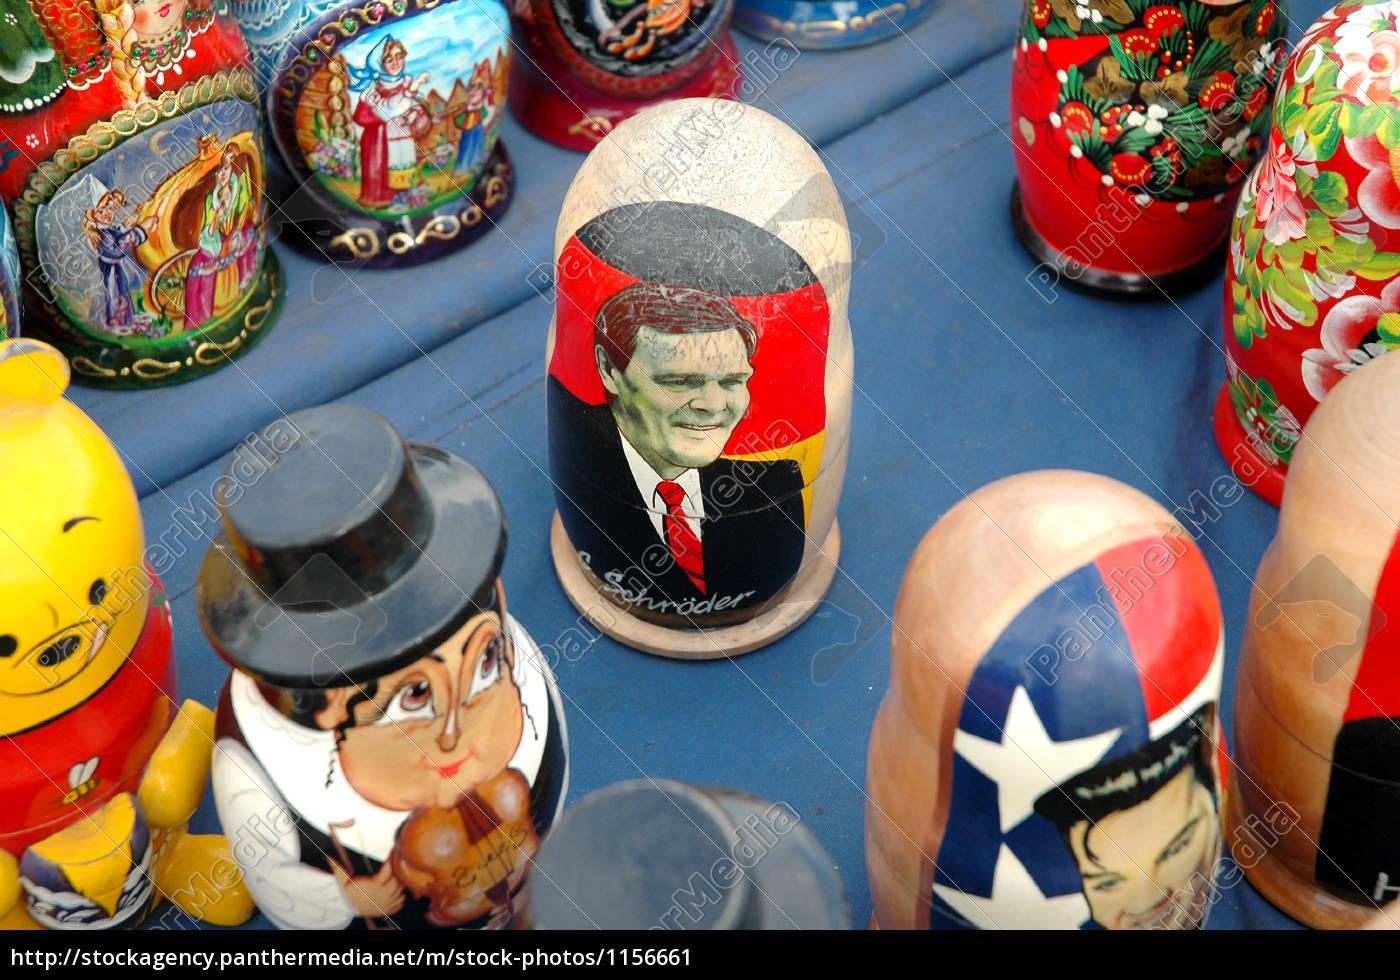 kitsch político - Foto de archivo - #1156661 - Agencia de stock ...